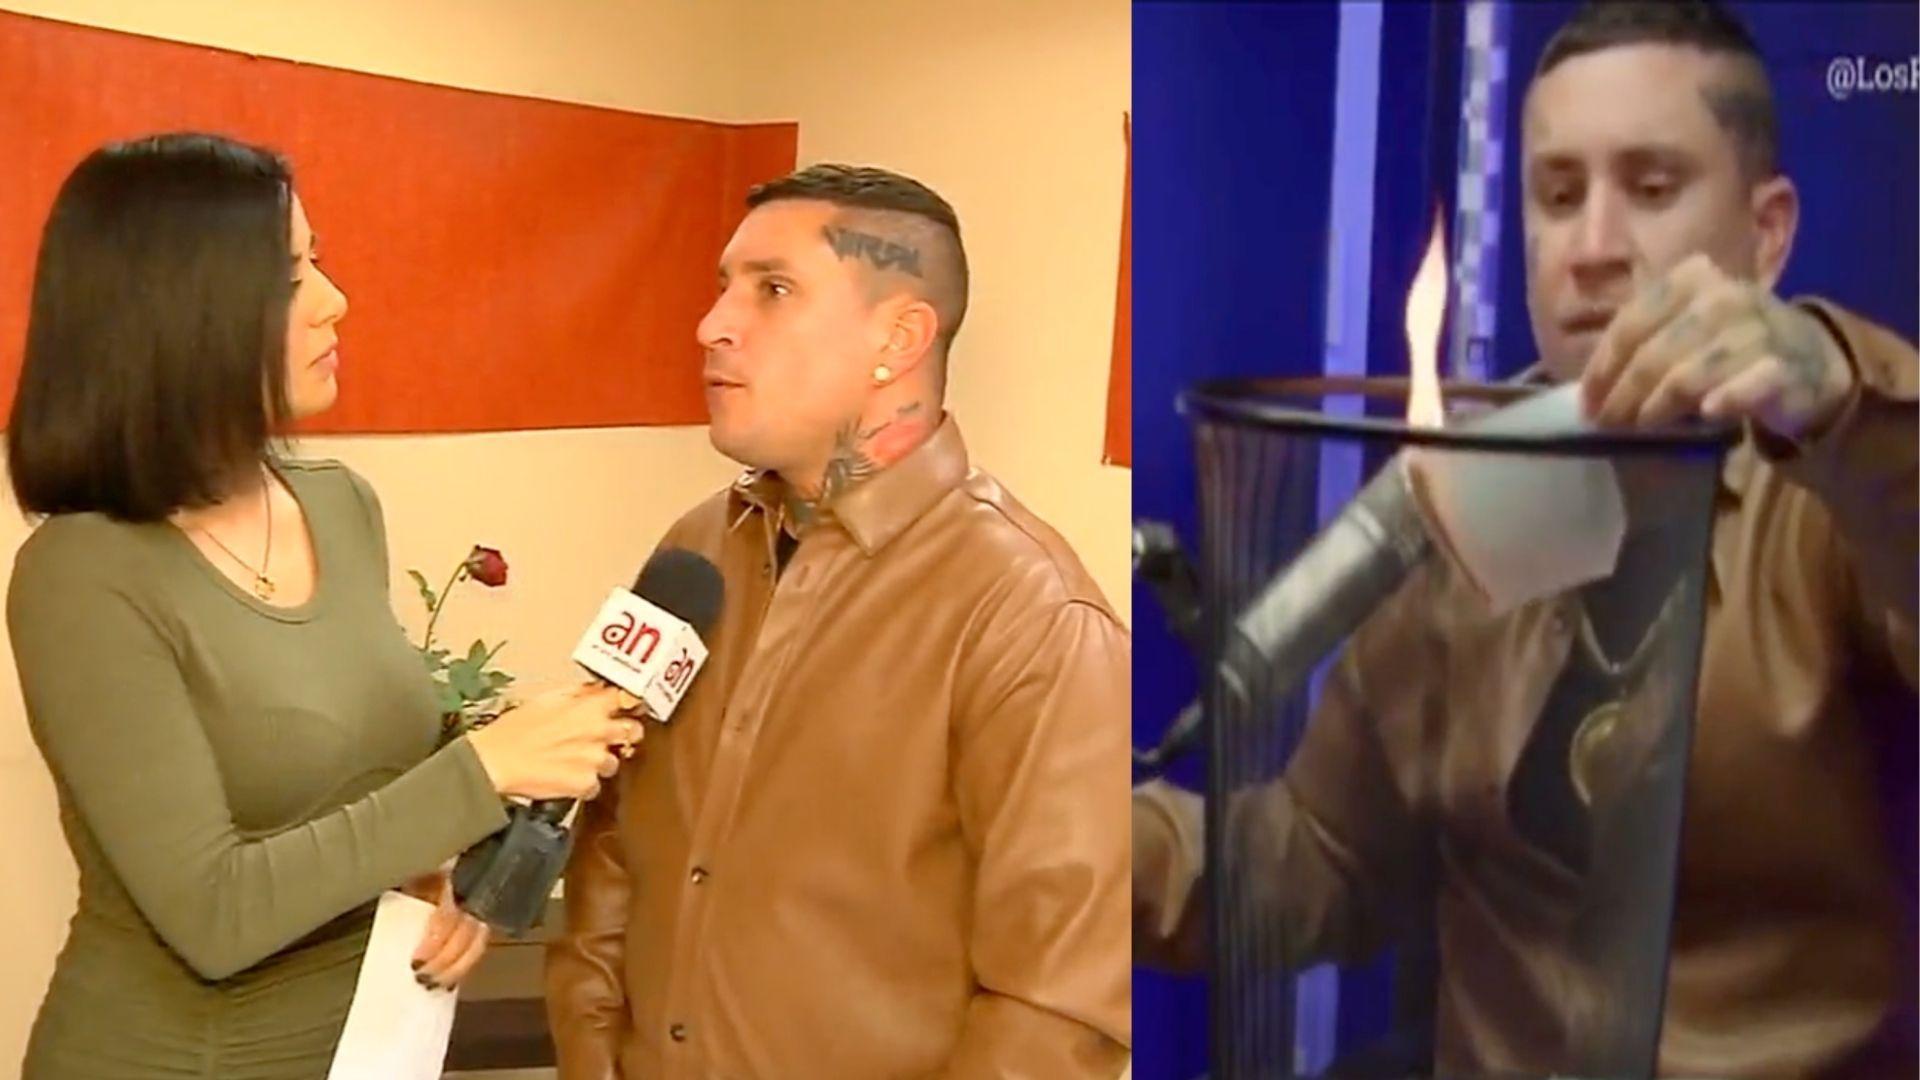 osmani garcia quema su pasaporte cubano e insta a no viajar mas a cuba